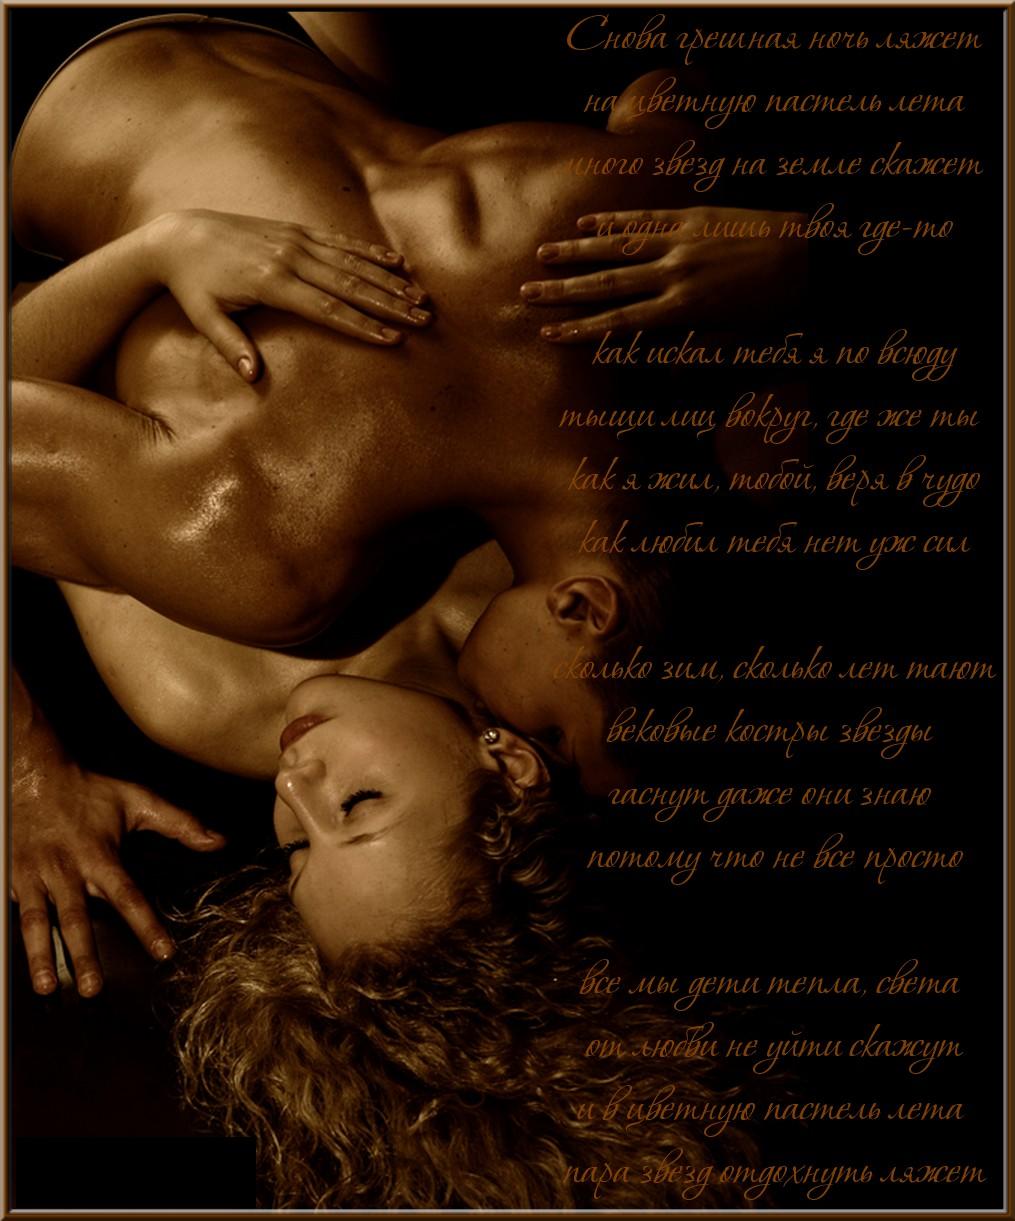 Стих с намеком на секс 14 фотография